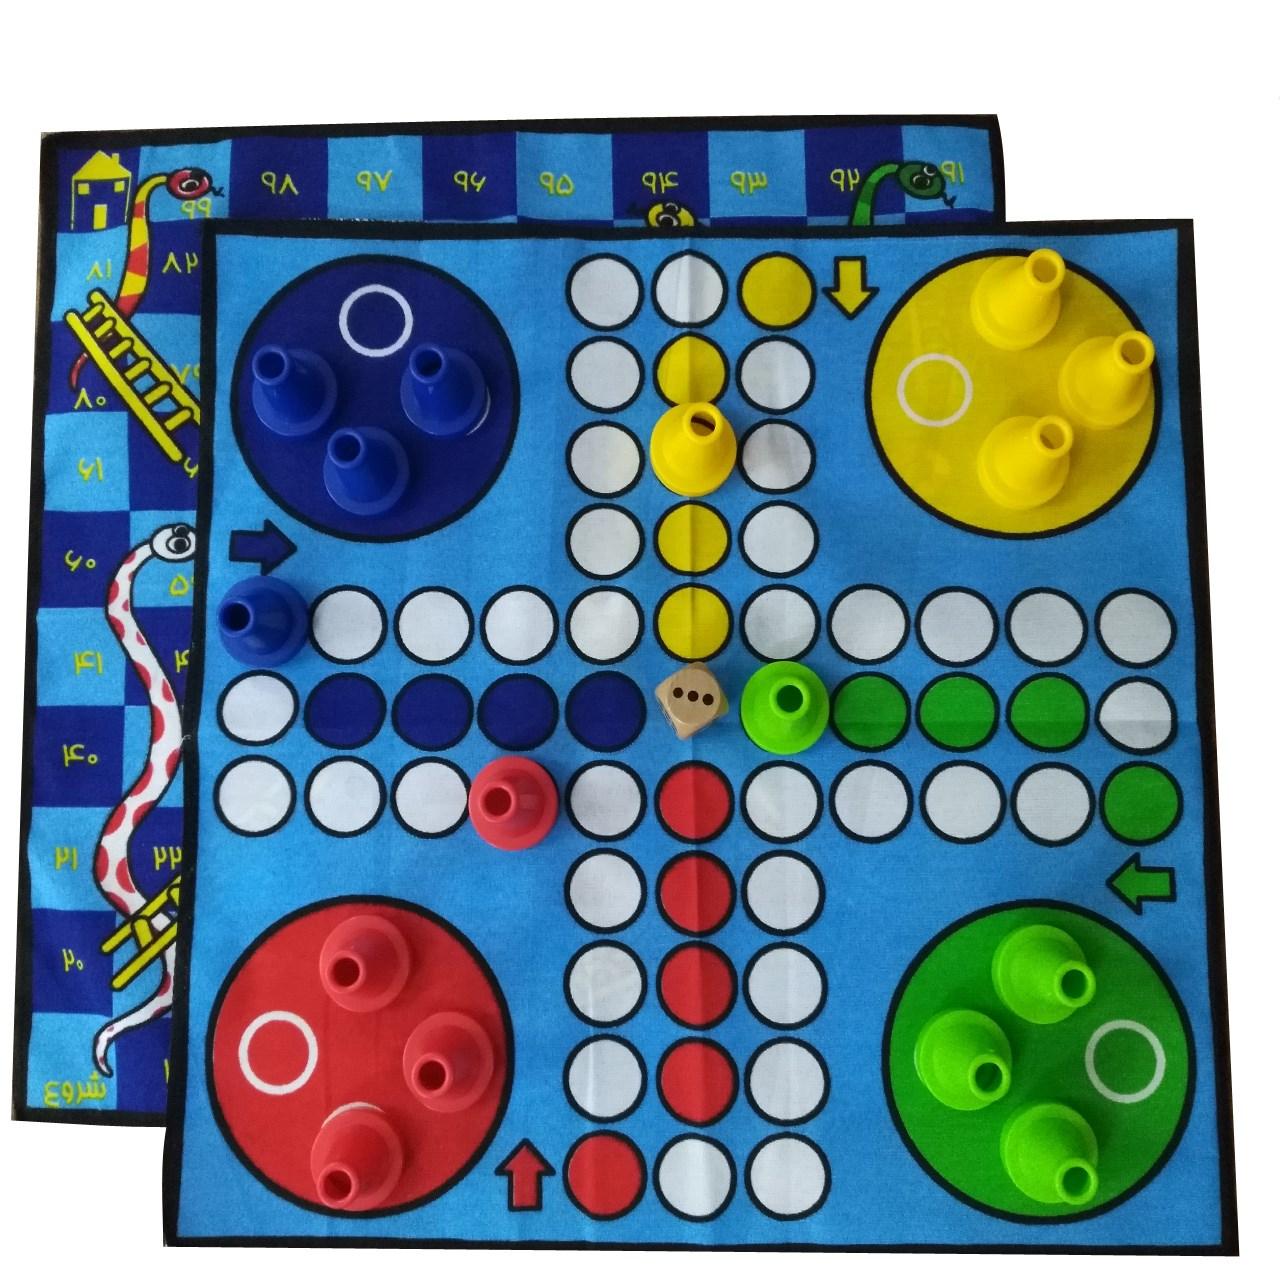 بازی منچ و مارپله پارچه ای مدلzb 2